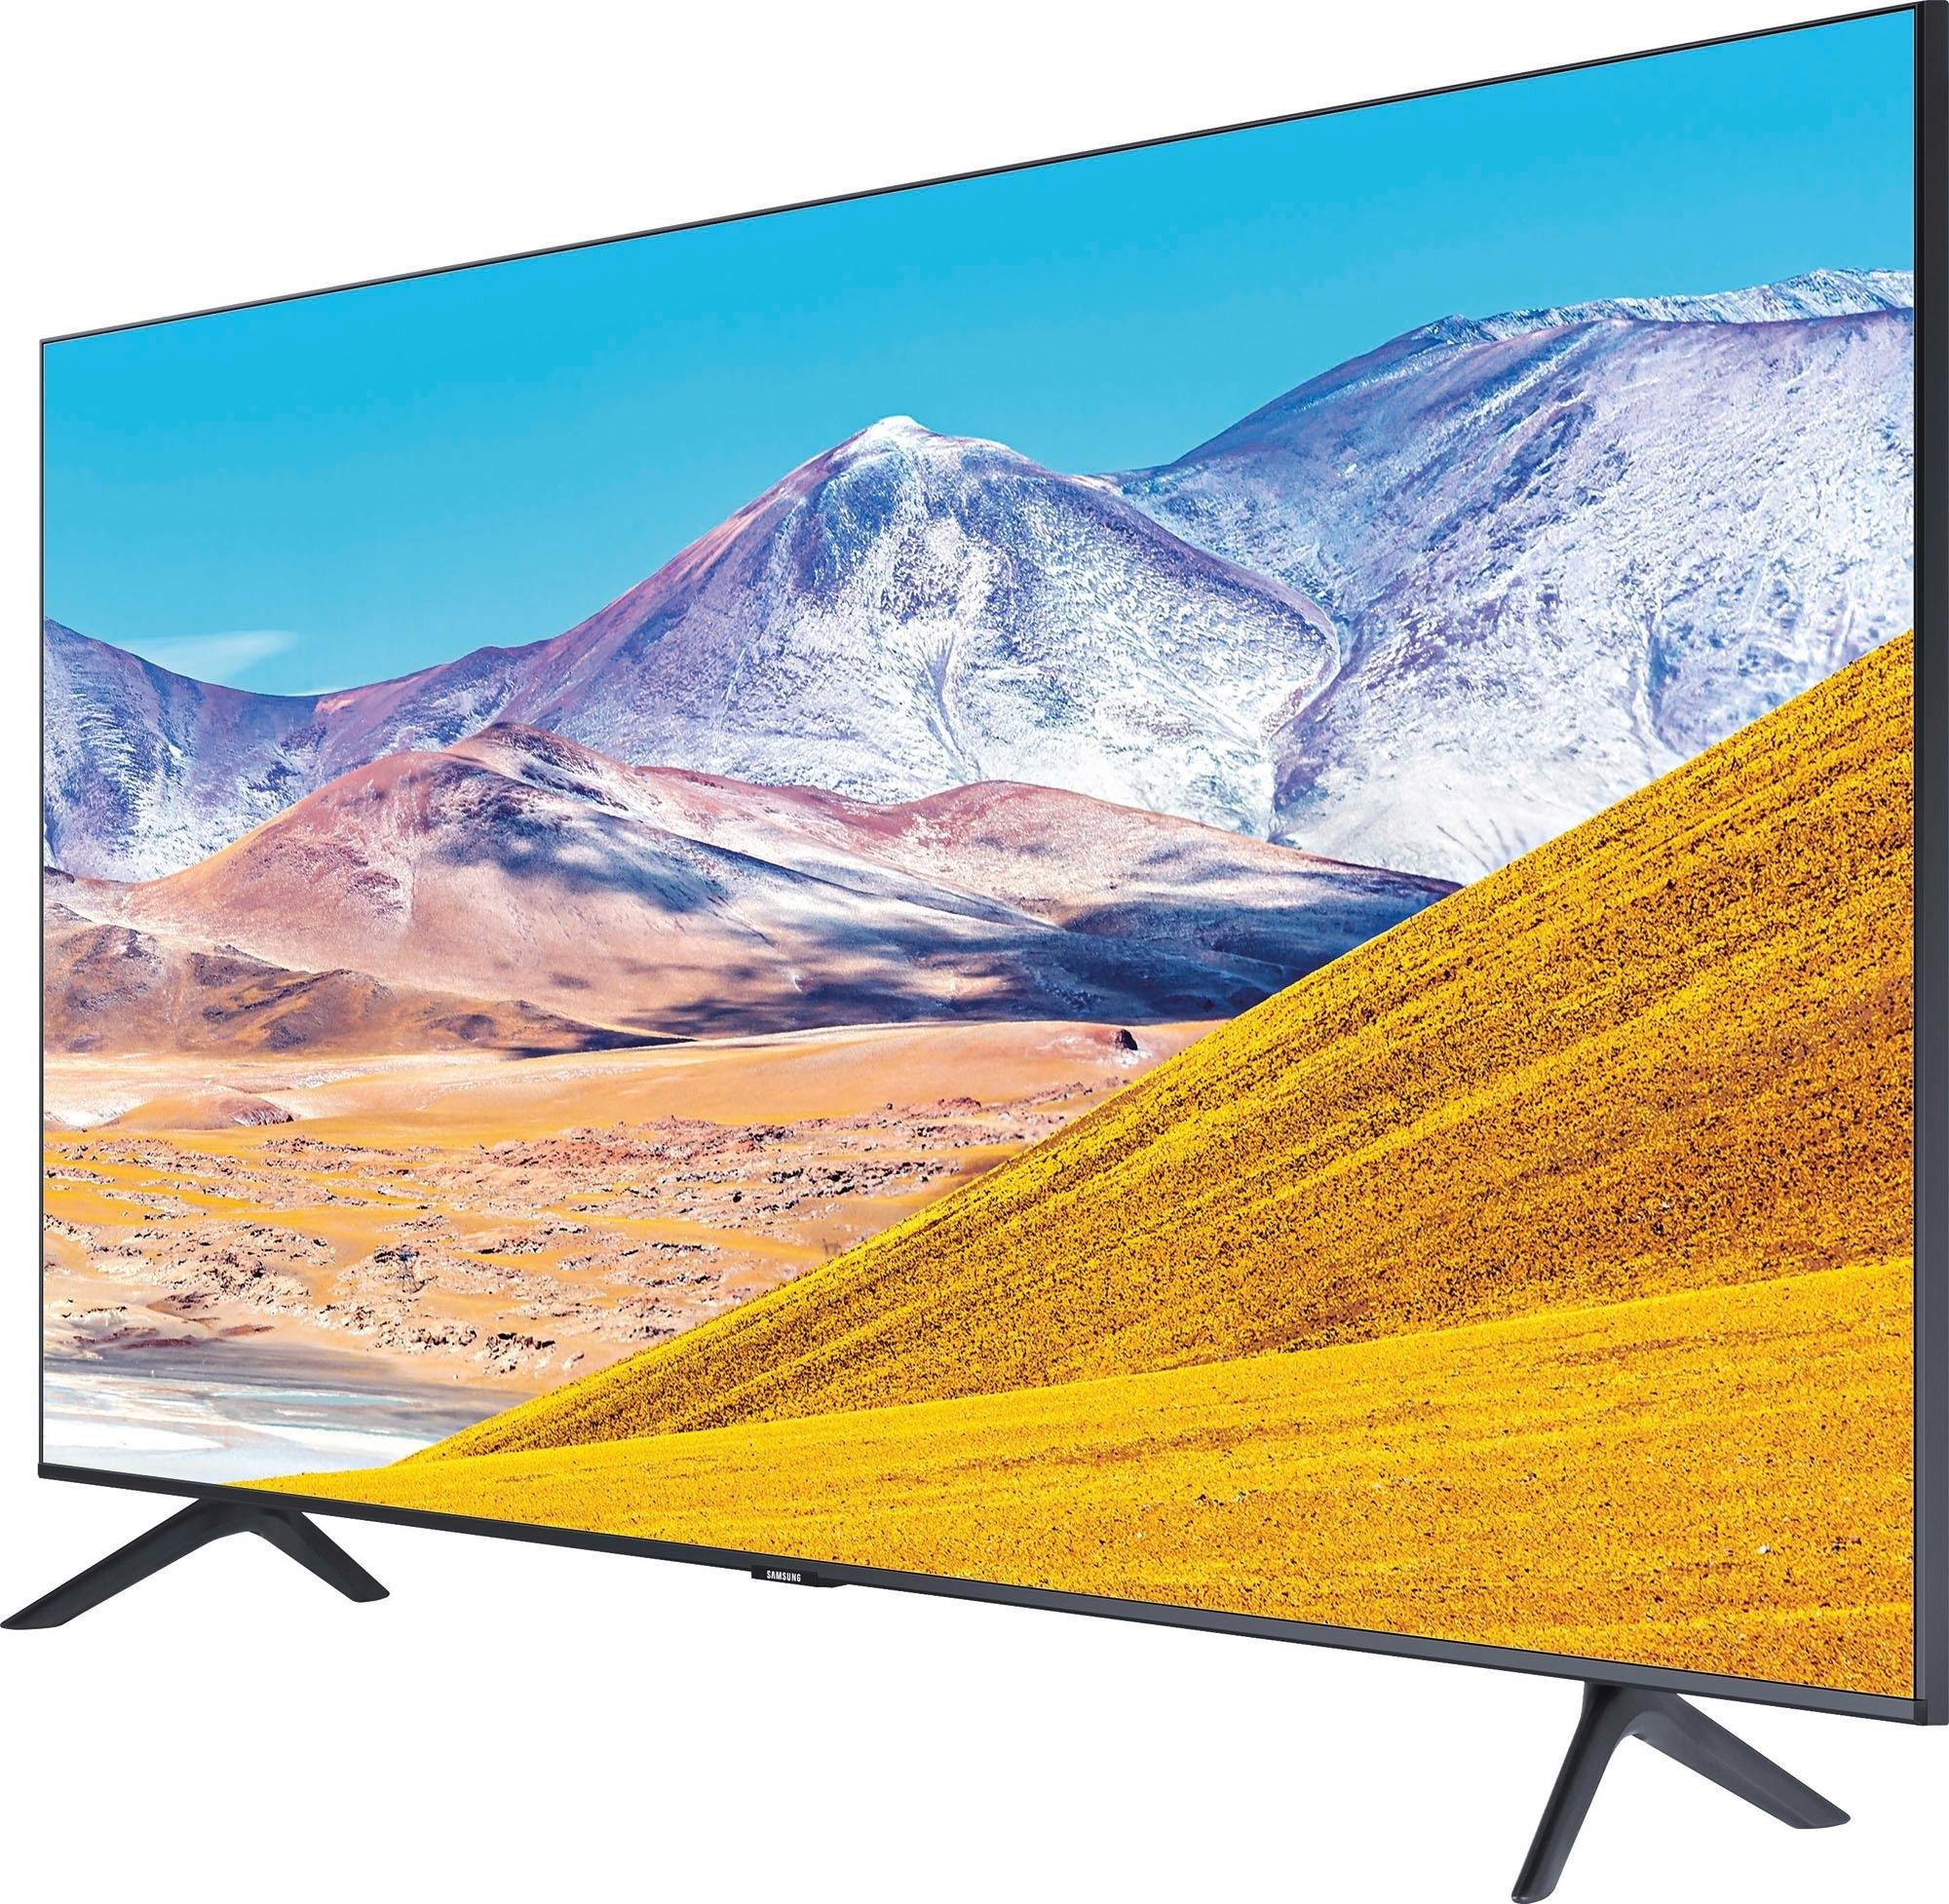 SAMSUNG »GU65TU8079« LED-TV - verschillende betaalmethodes